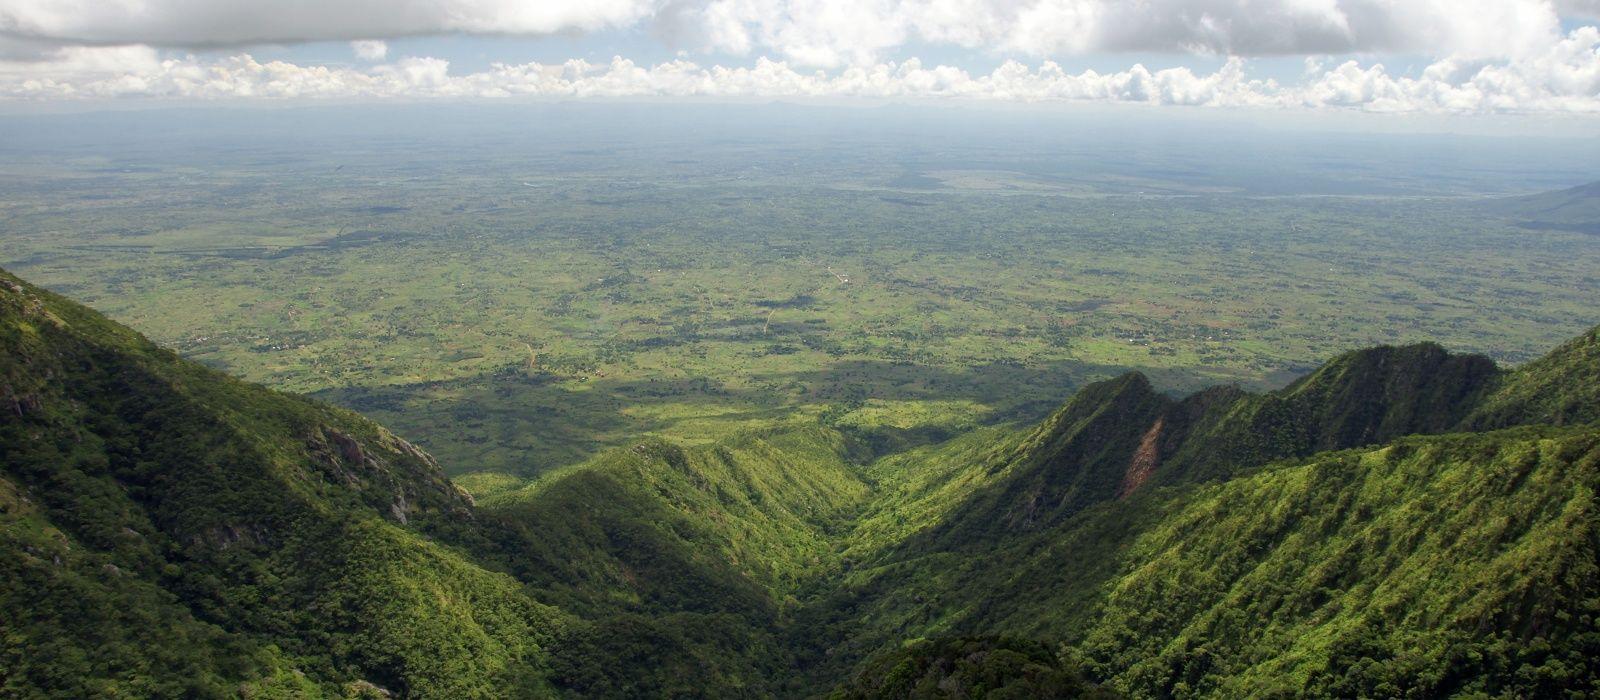 Reiseziel Zomba Plateau Malawi